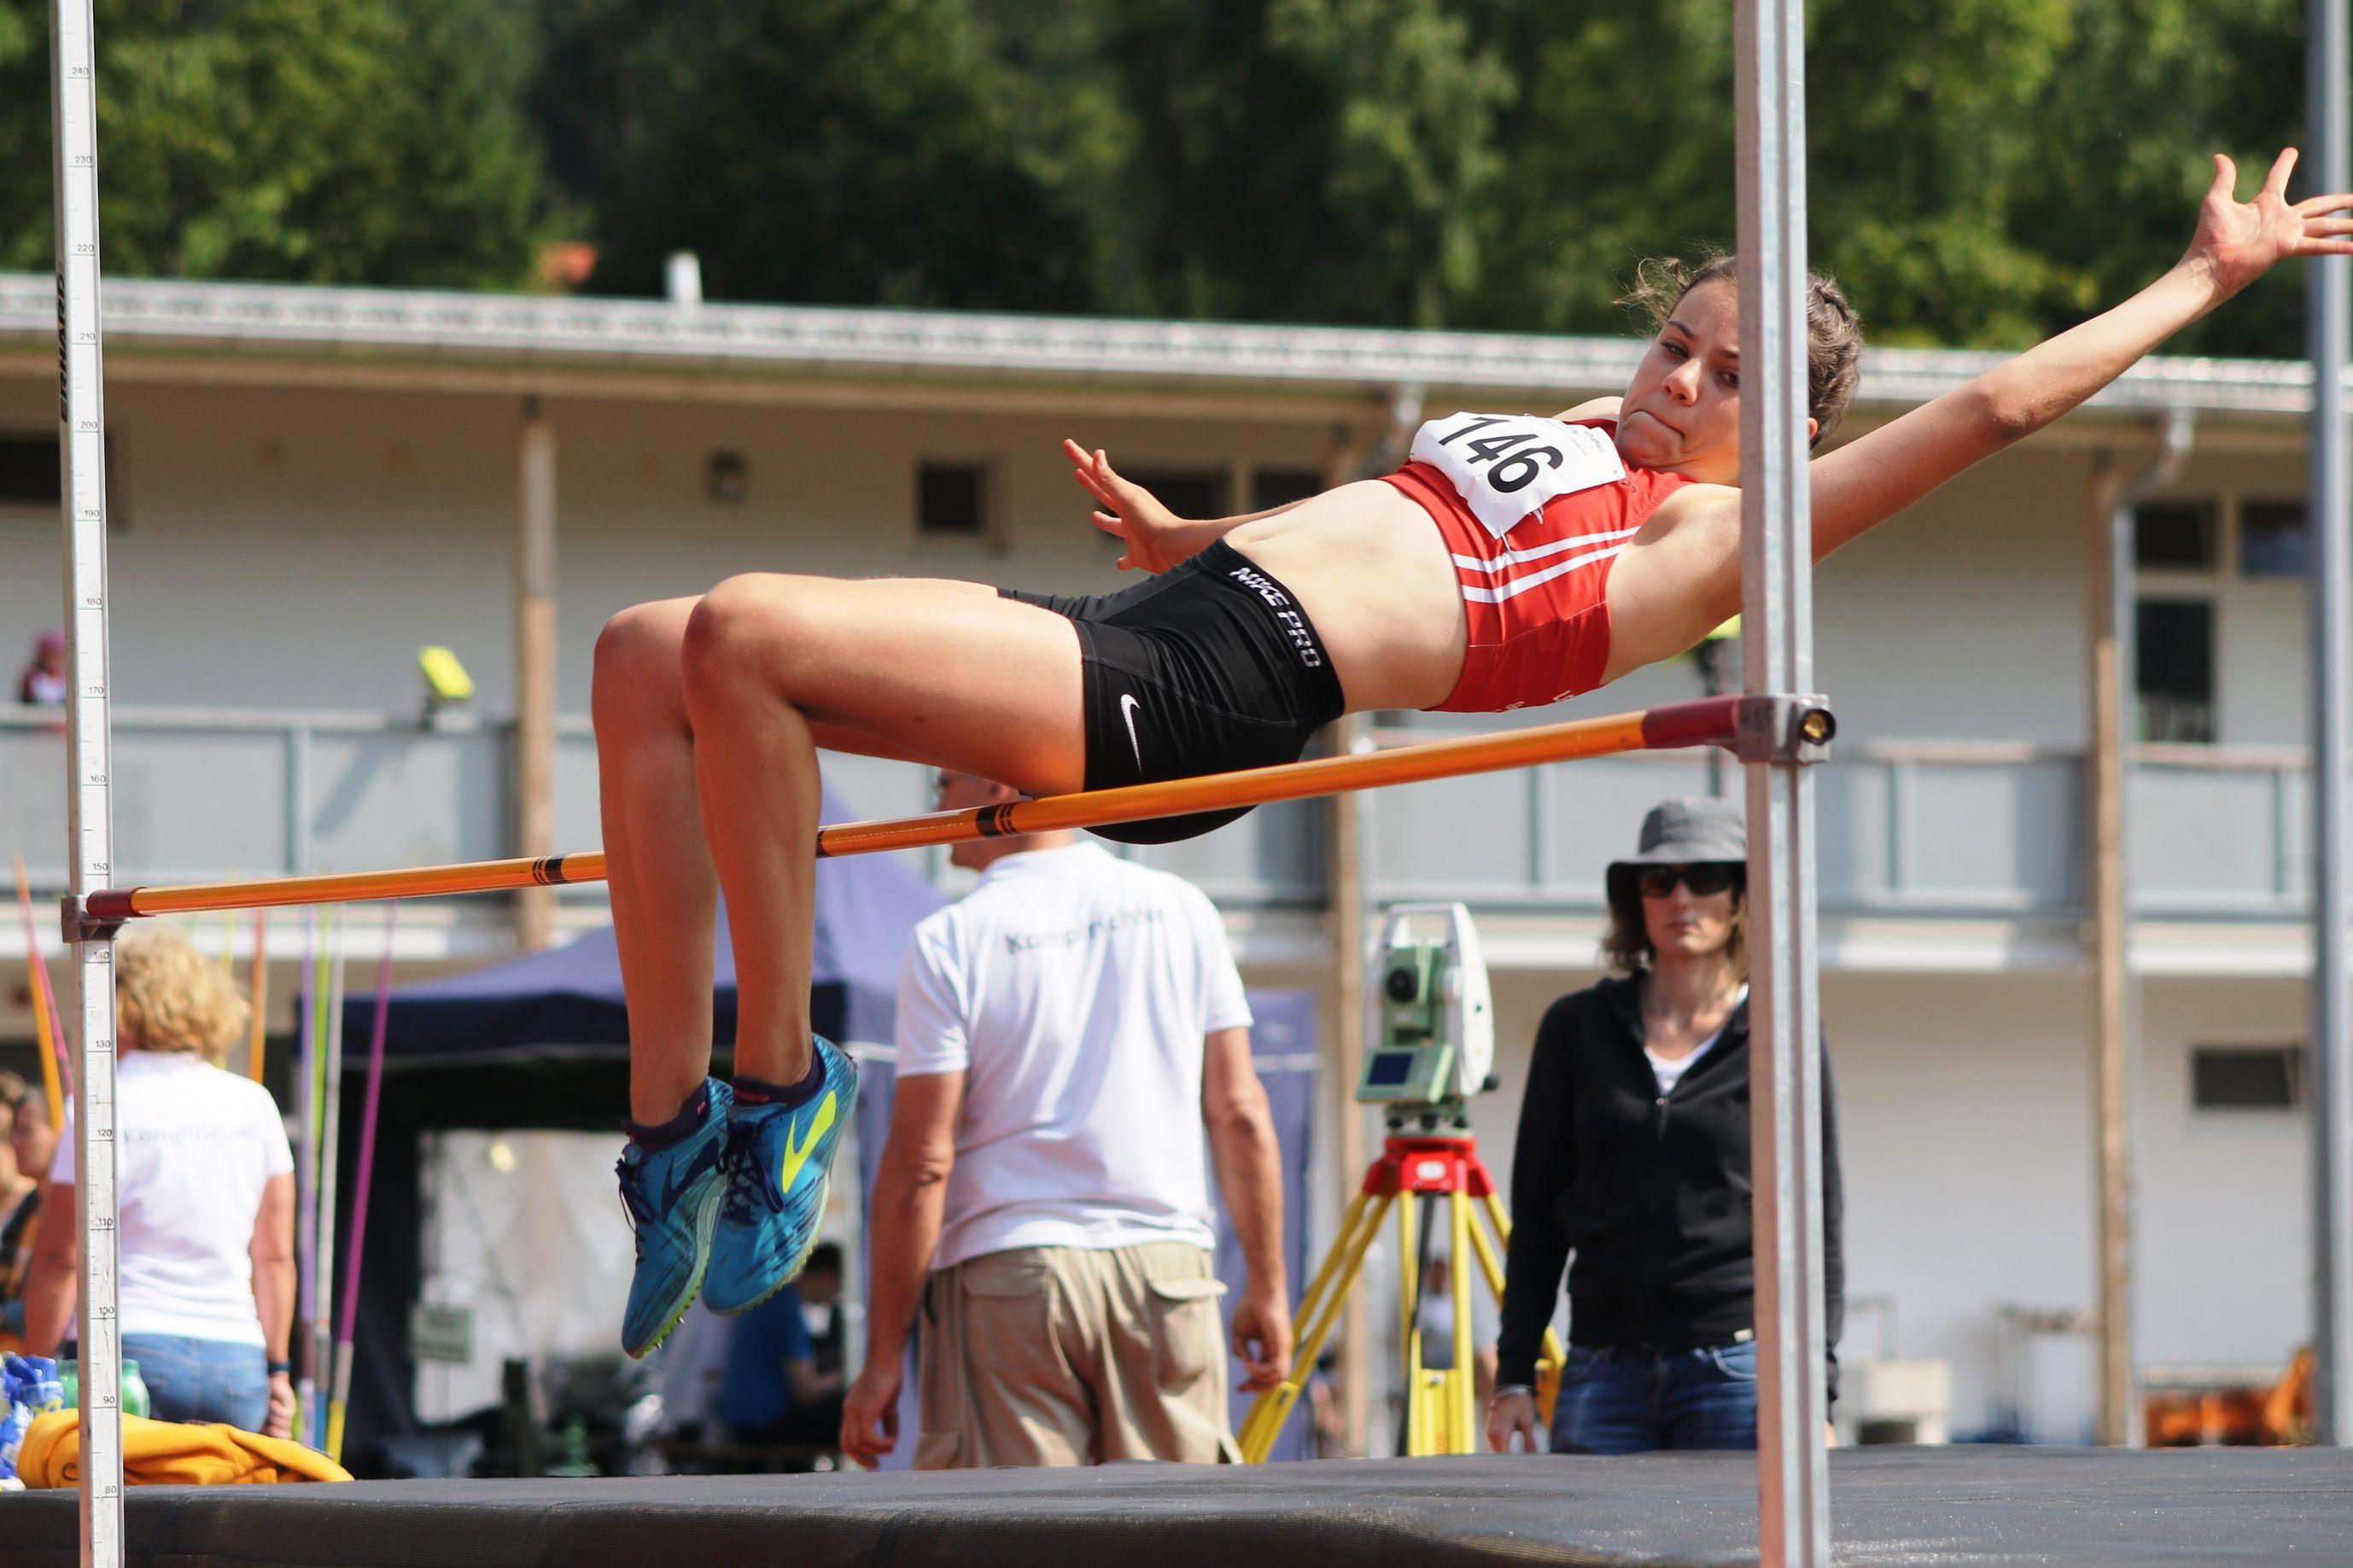 Mehrkampfmeisterschaften in Garmisch